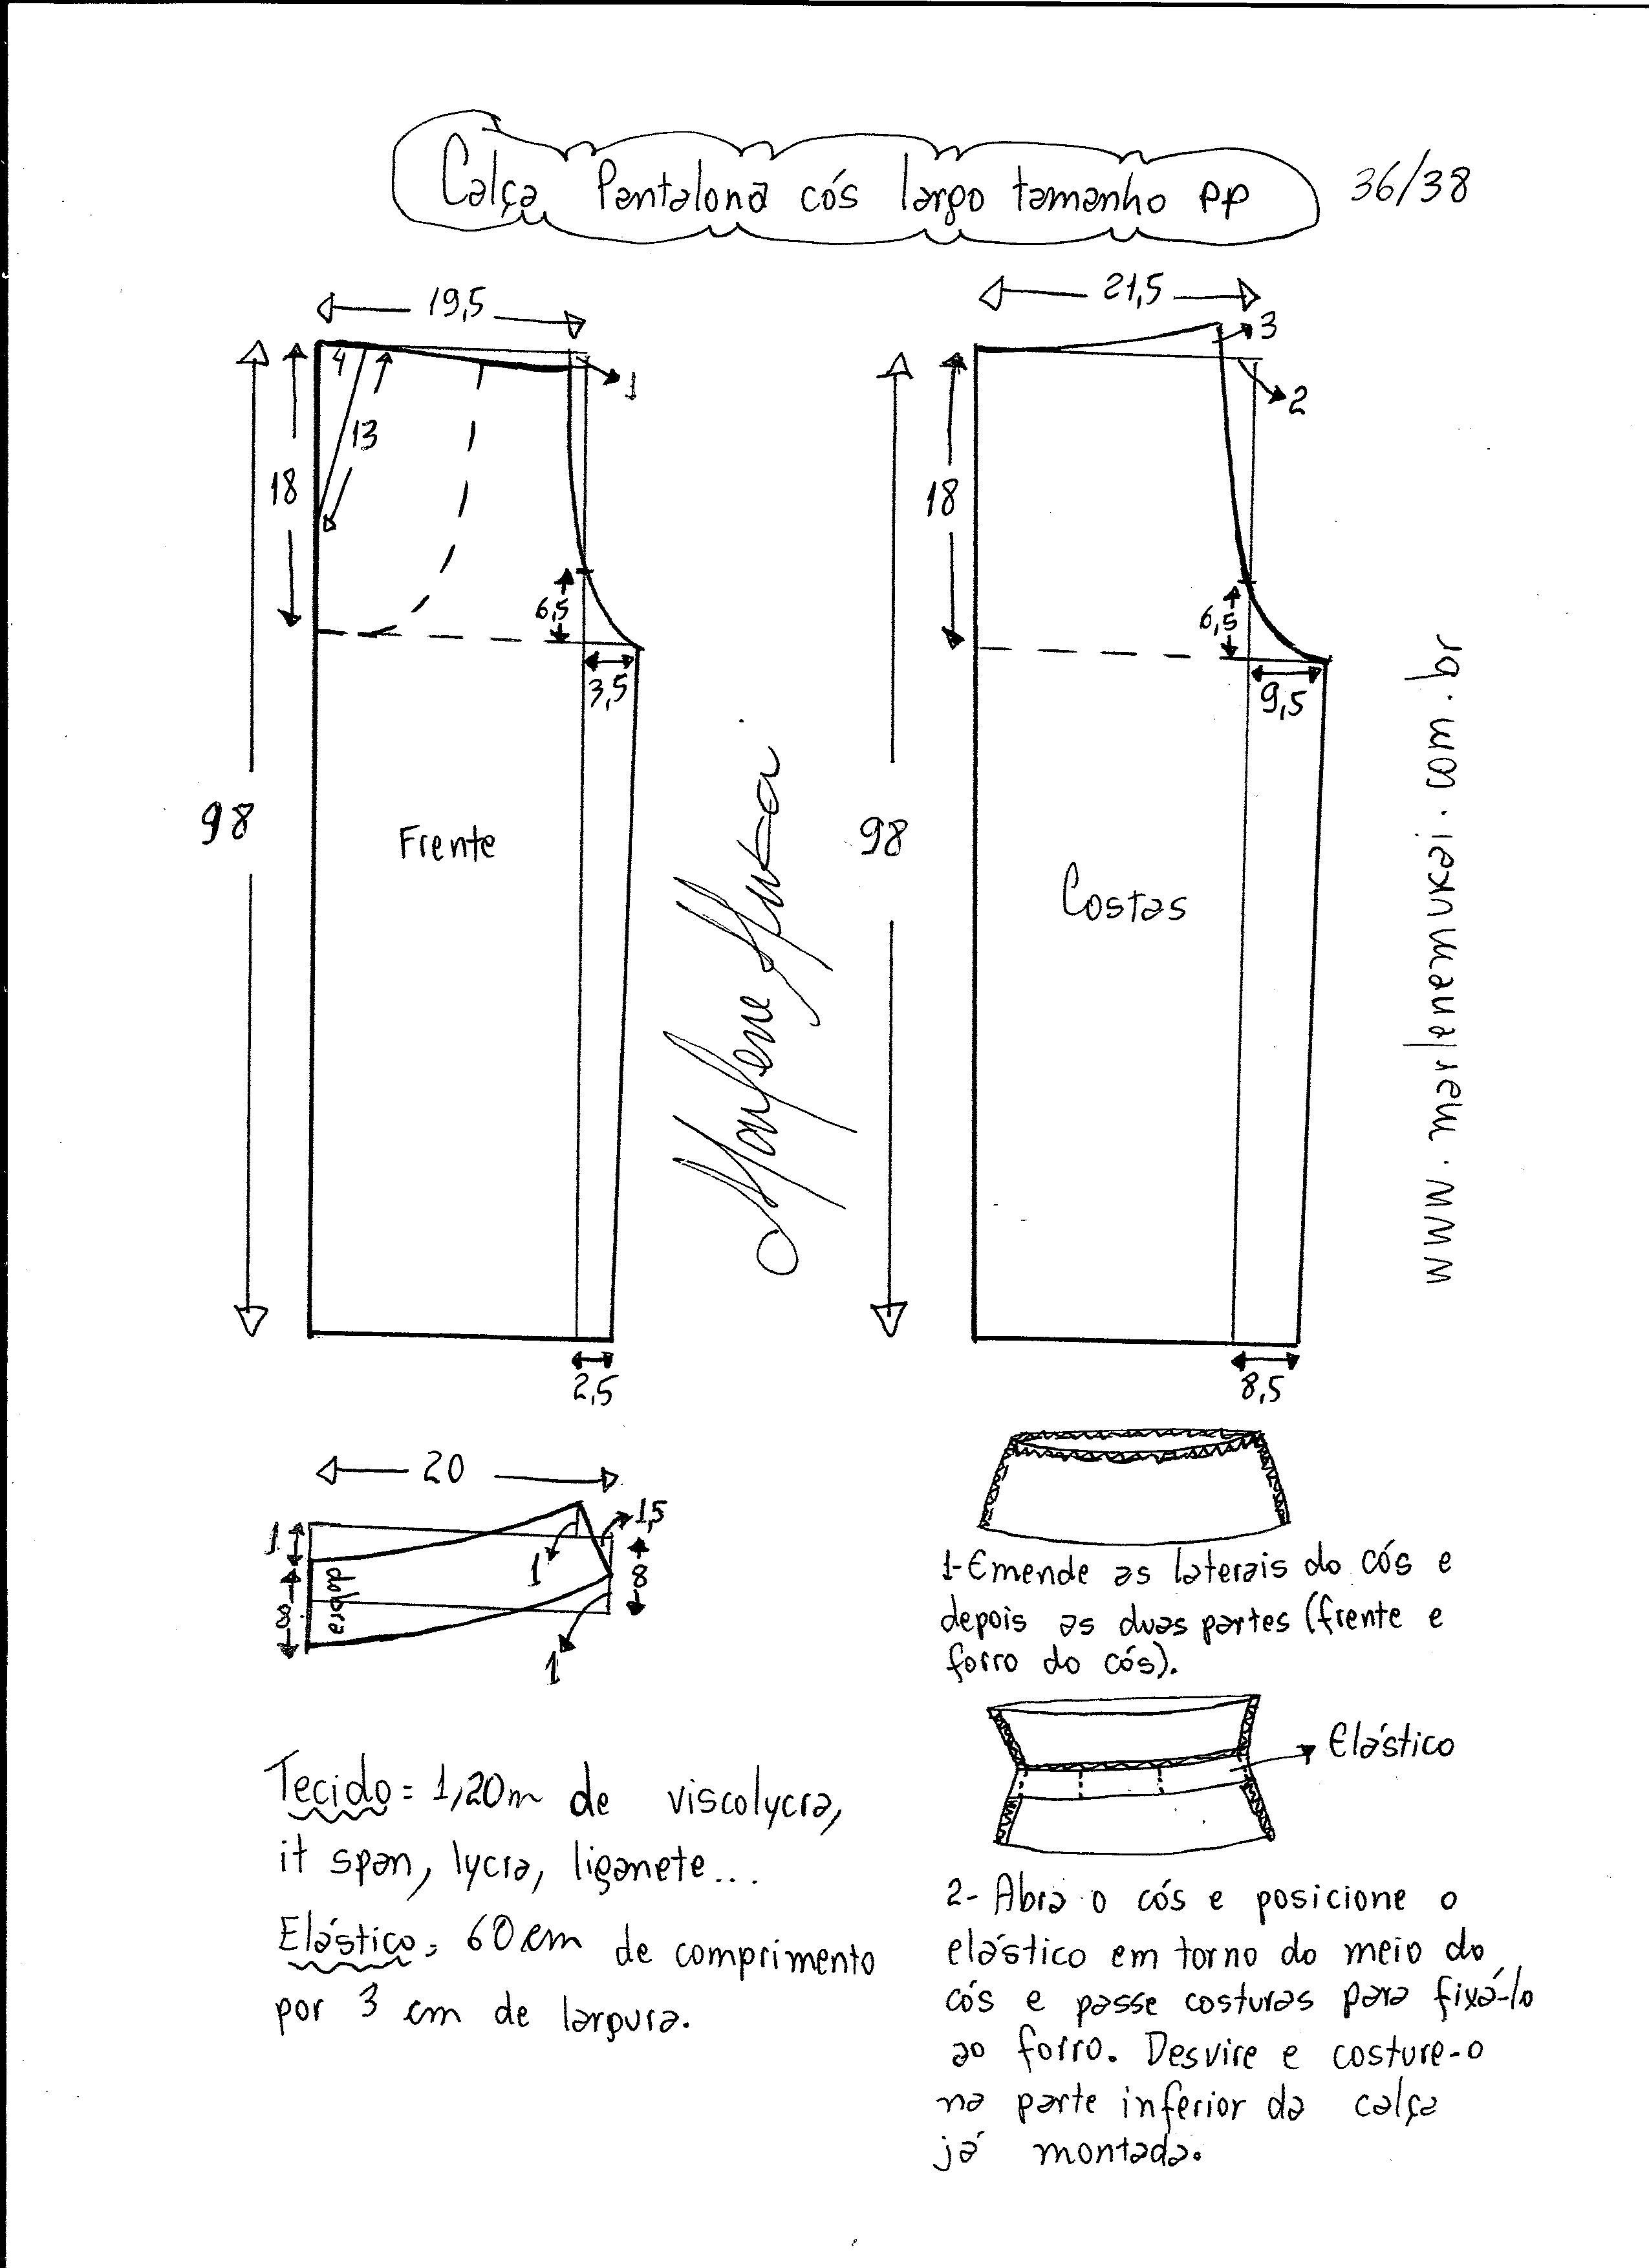 6473aed3b Esquema de modelagem de calça pantalona de cós largo tamanho PP.